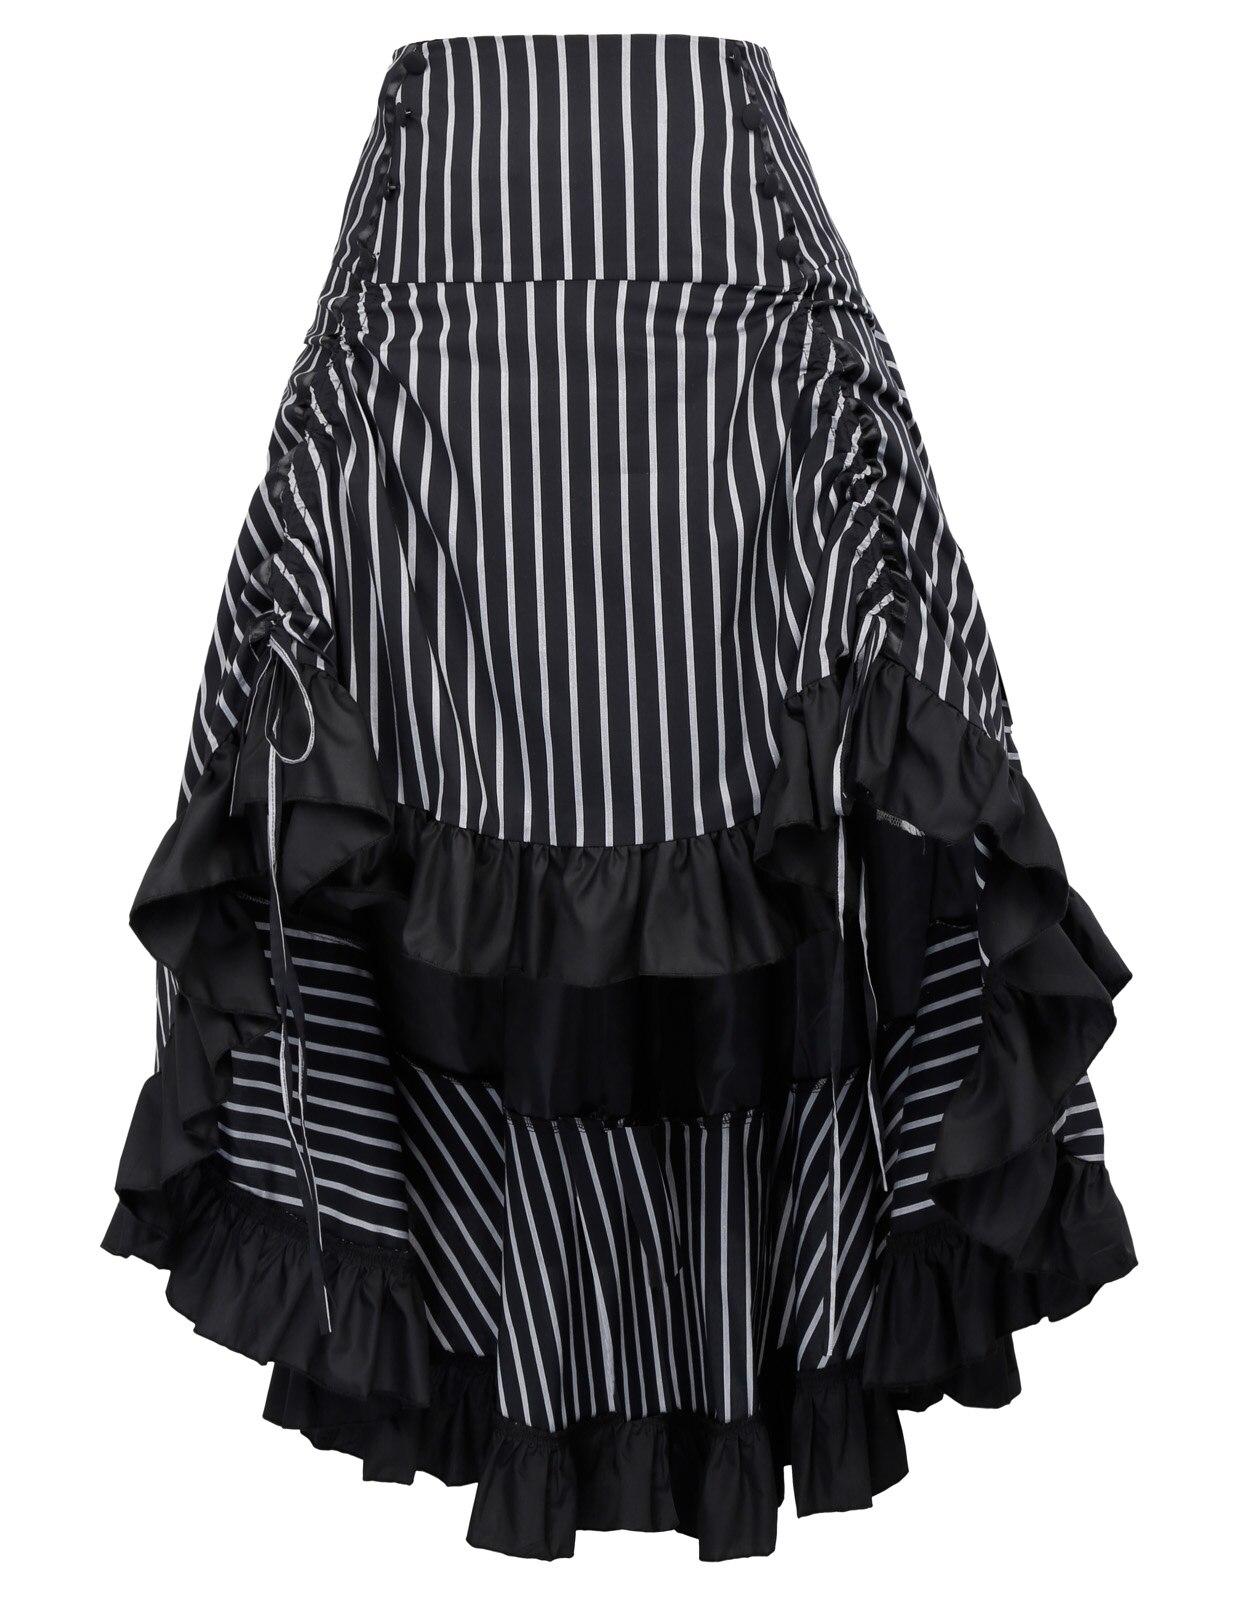 Винтажная юбка макси в полоску со сборками в стиле стимпанк, средневековые, рок, на шнуровке, готические, ретро, длинные, вечерние, Клубные, с